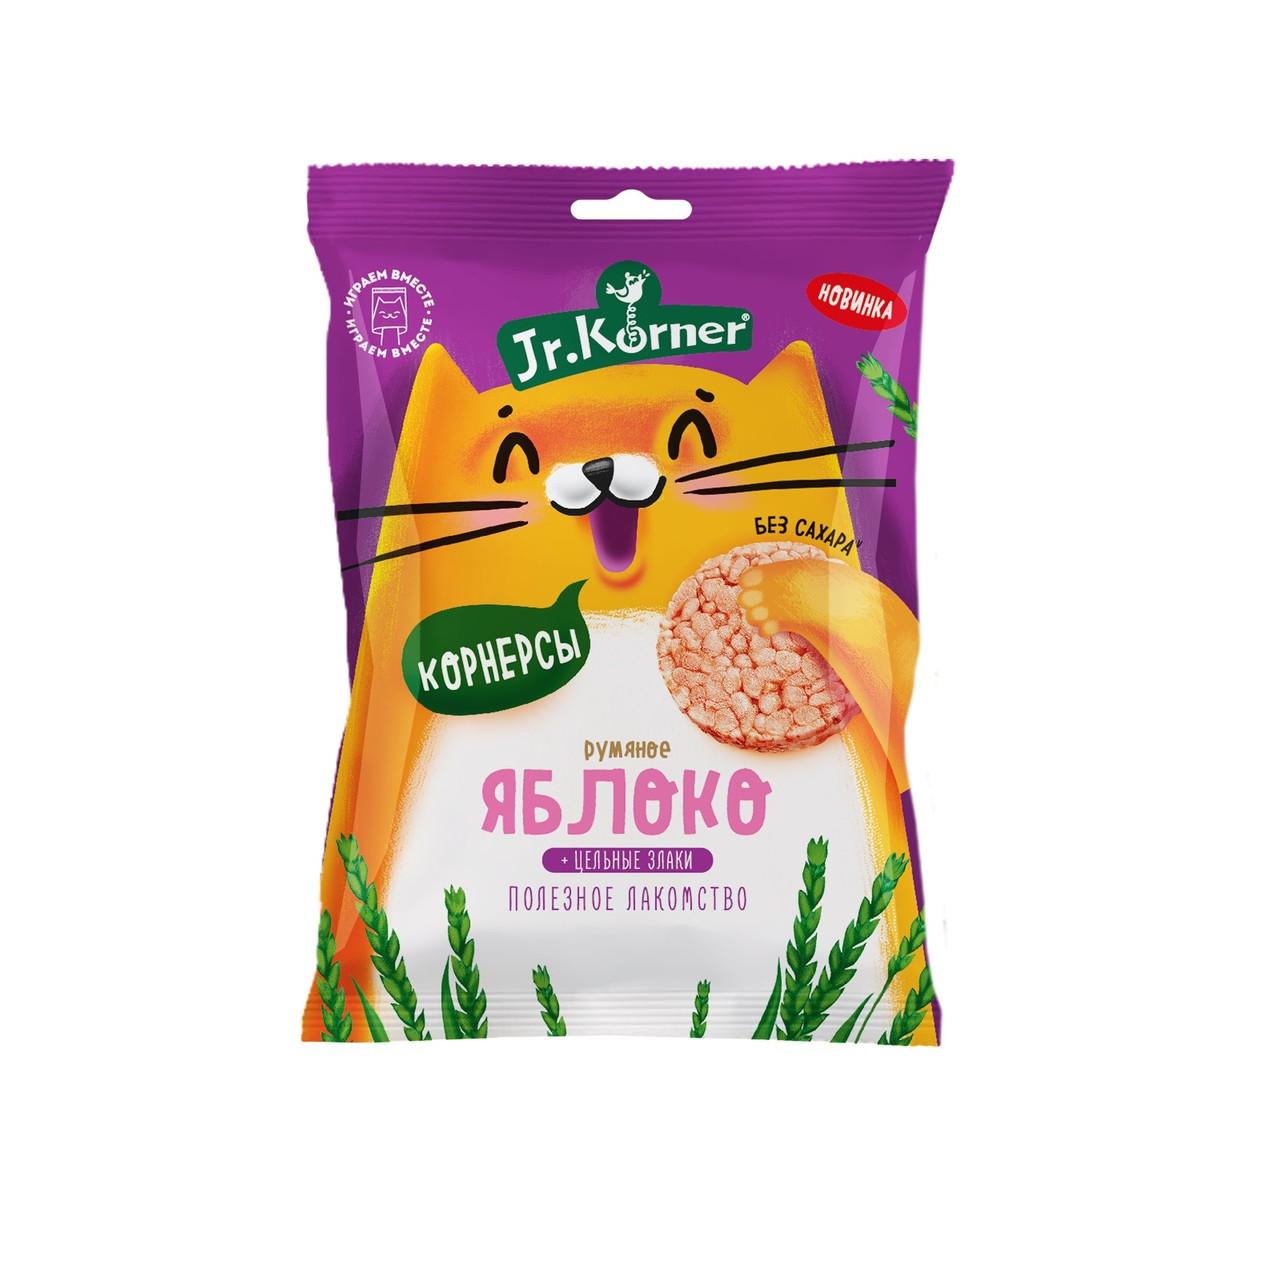 Рисовые мини хлебцы для детей с яблочным соком